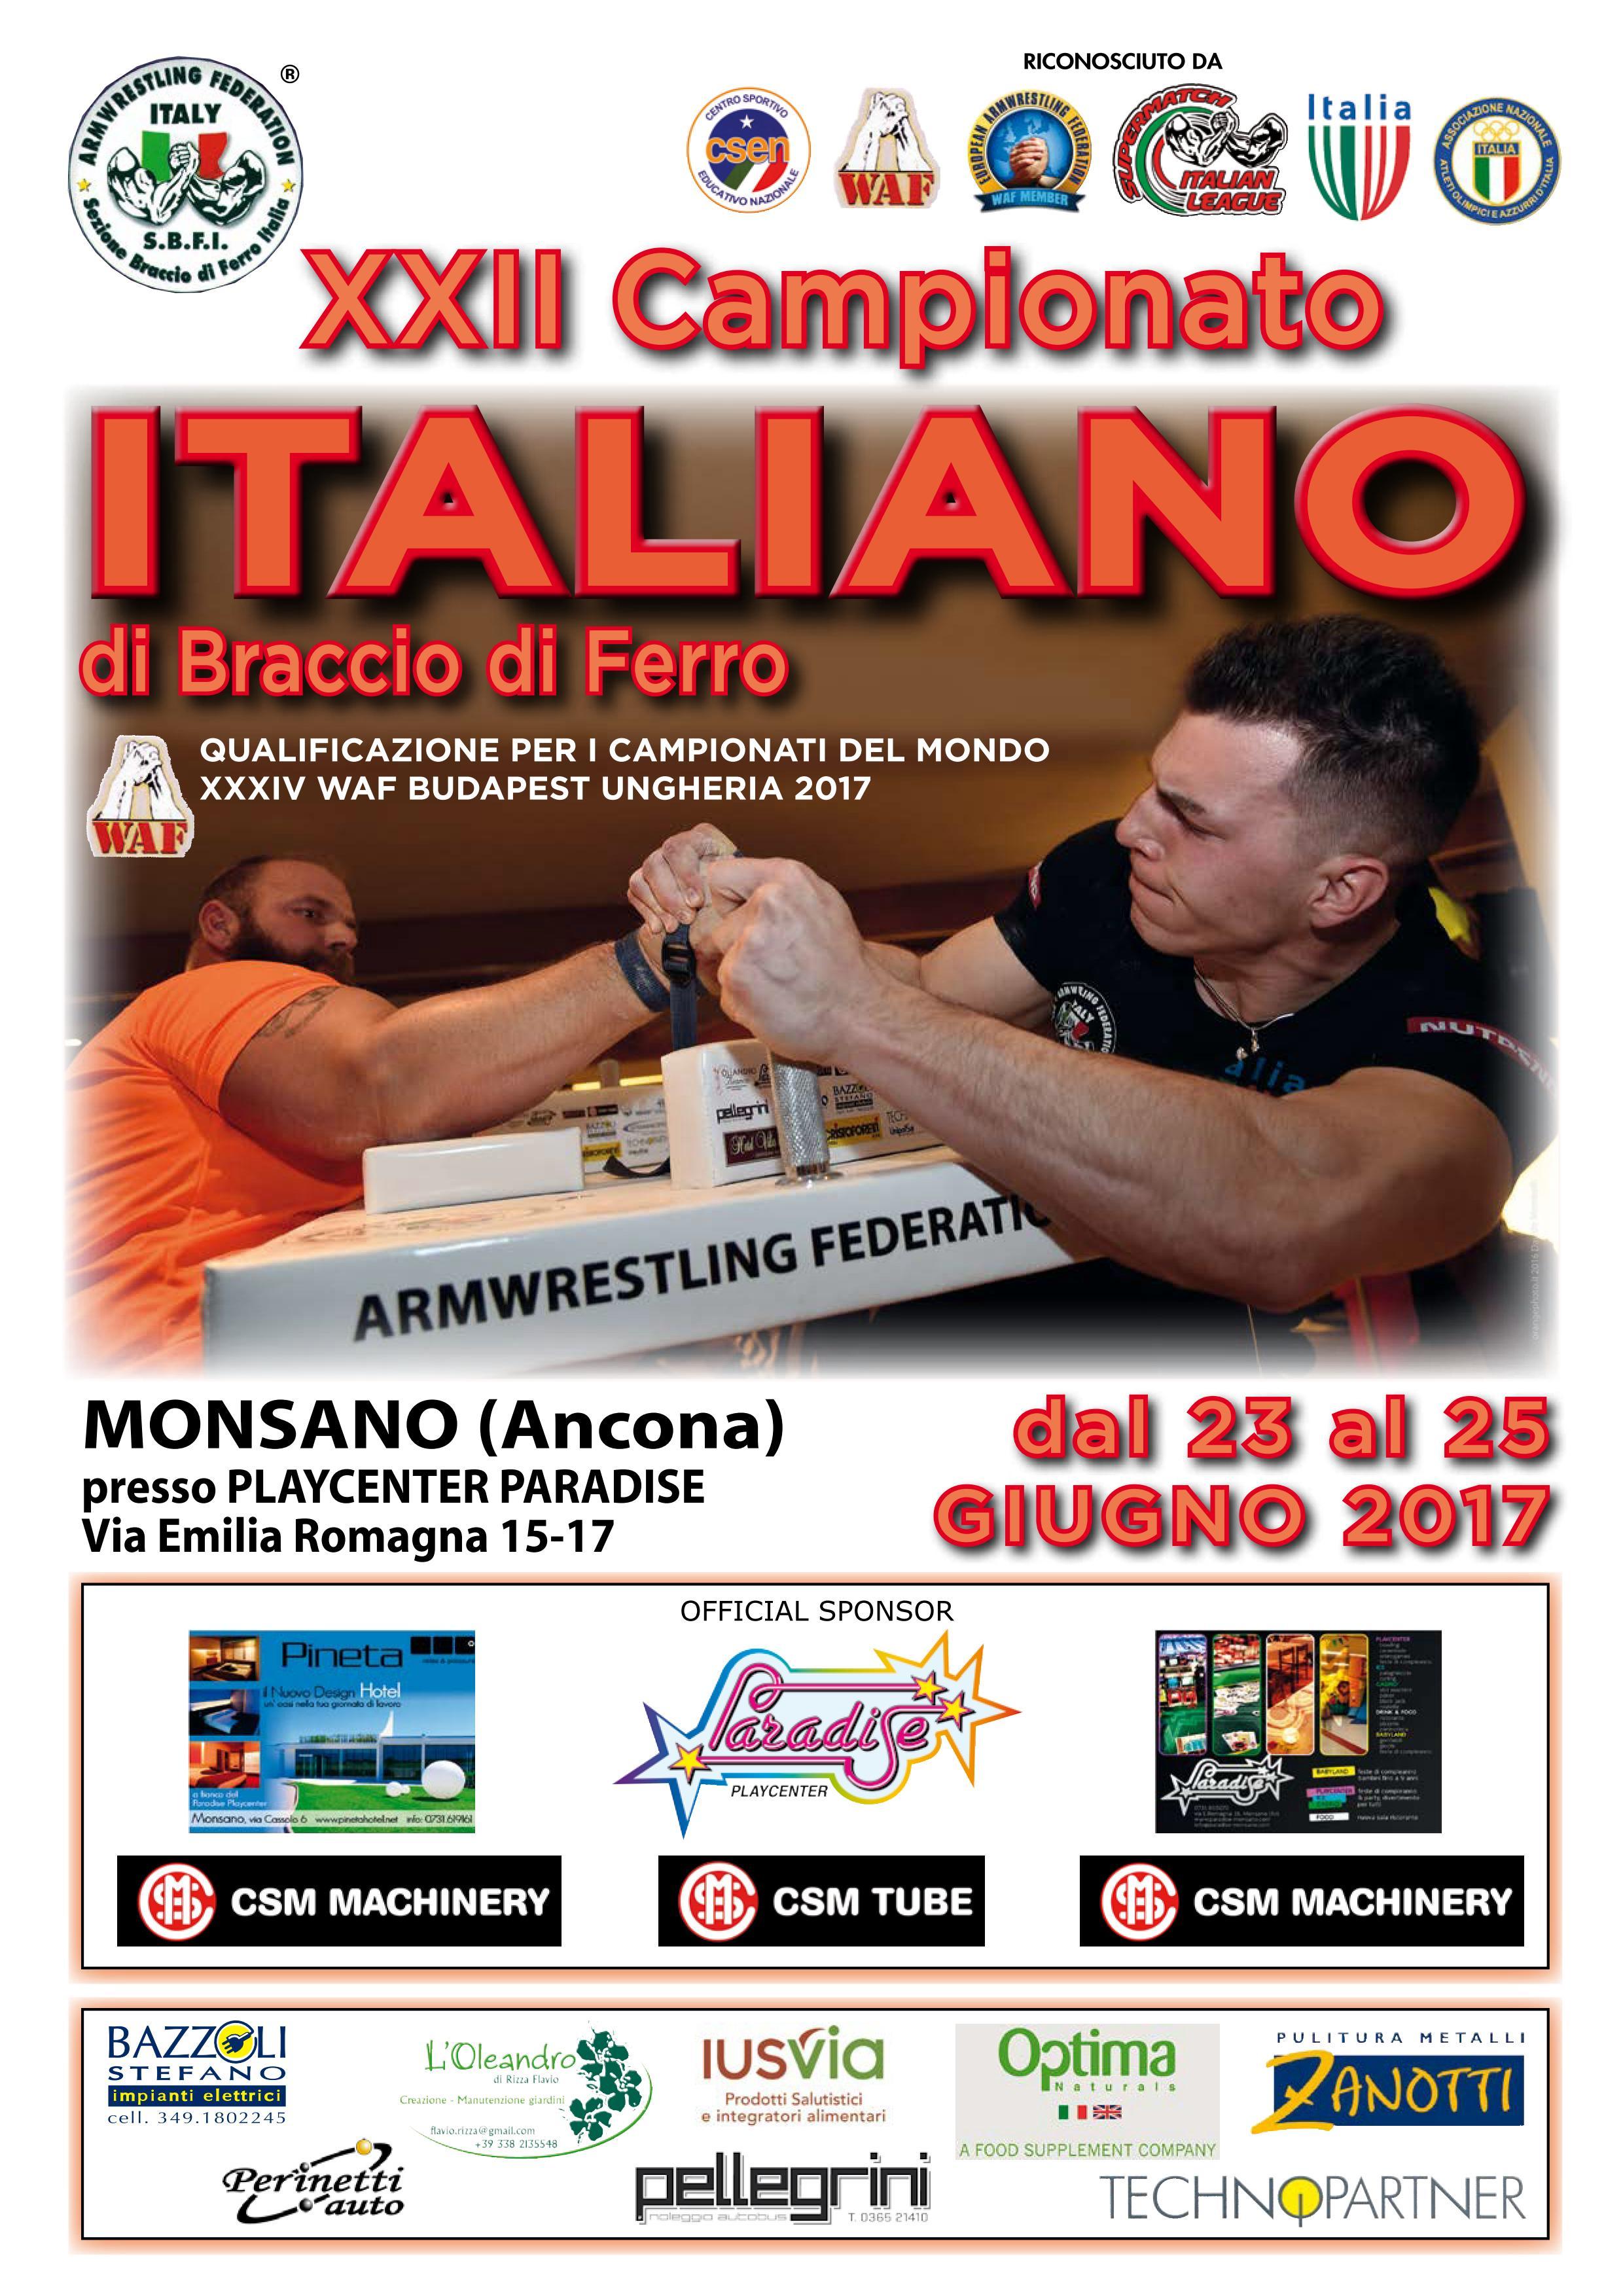 Campionato Italiano 2017